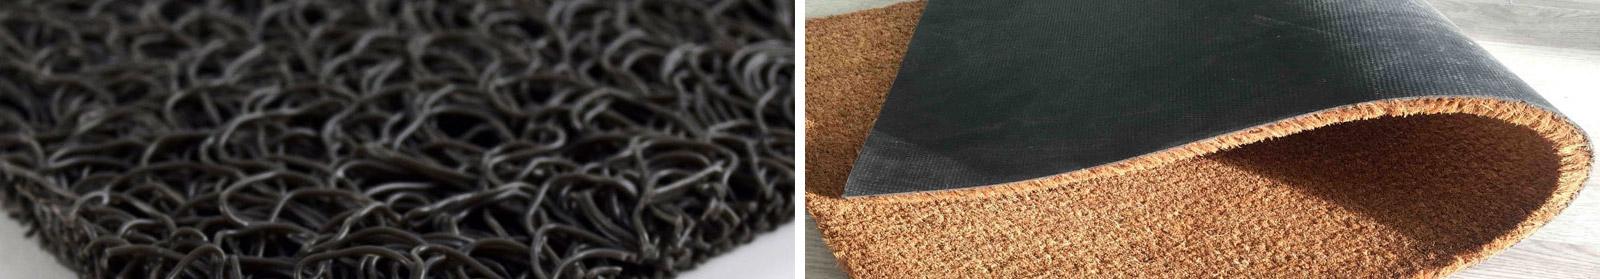 Coir & PVC Coil Matting